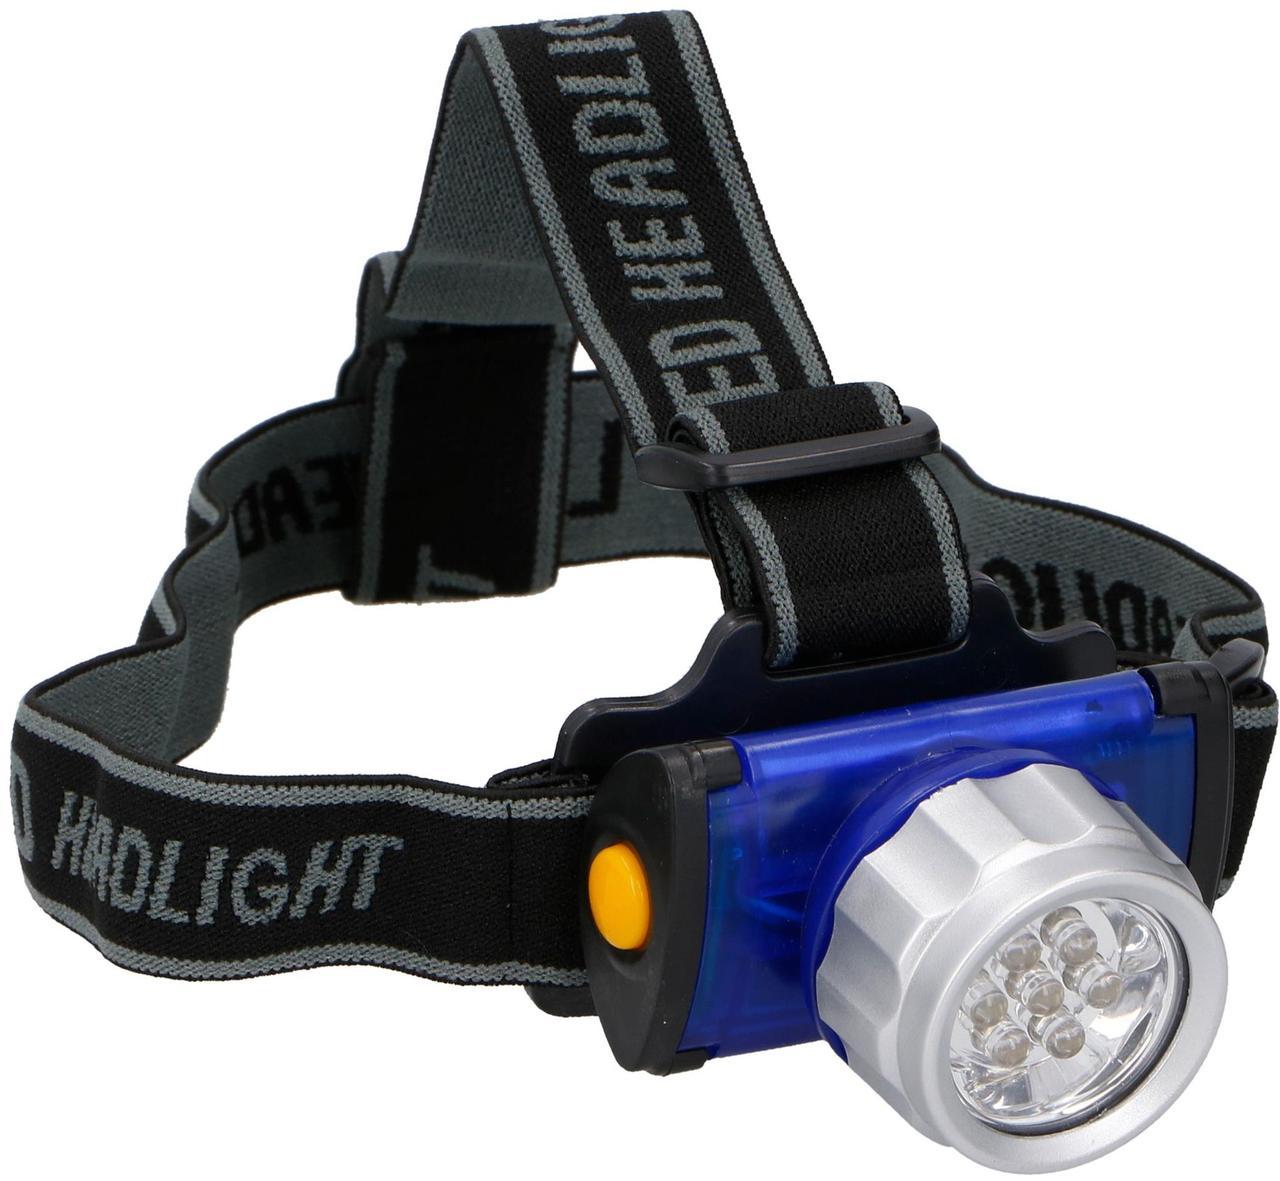 Налобный фонарь туристический DUNLOP 7 LED